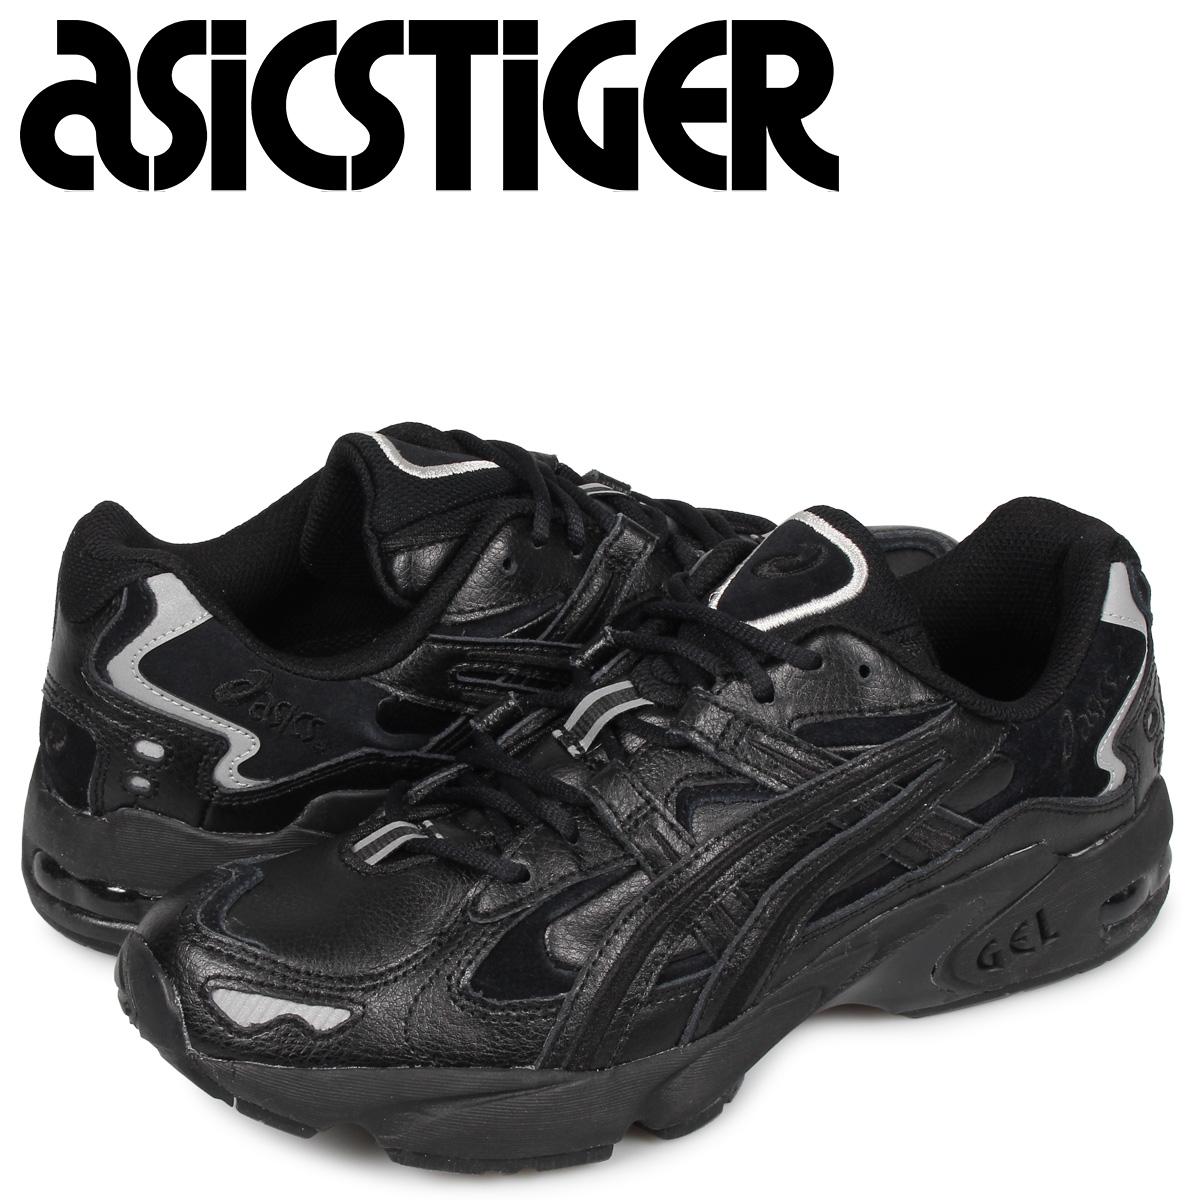 アシックスタイガー asics Tiger ゲルカヤノ 5 スニーカー メンズ GEL-KAYANO 5 OG ブラック 黒 1191A147-001